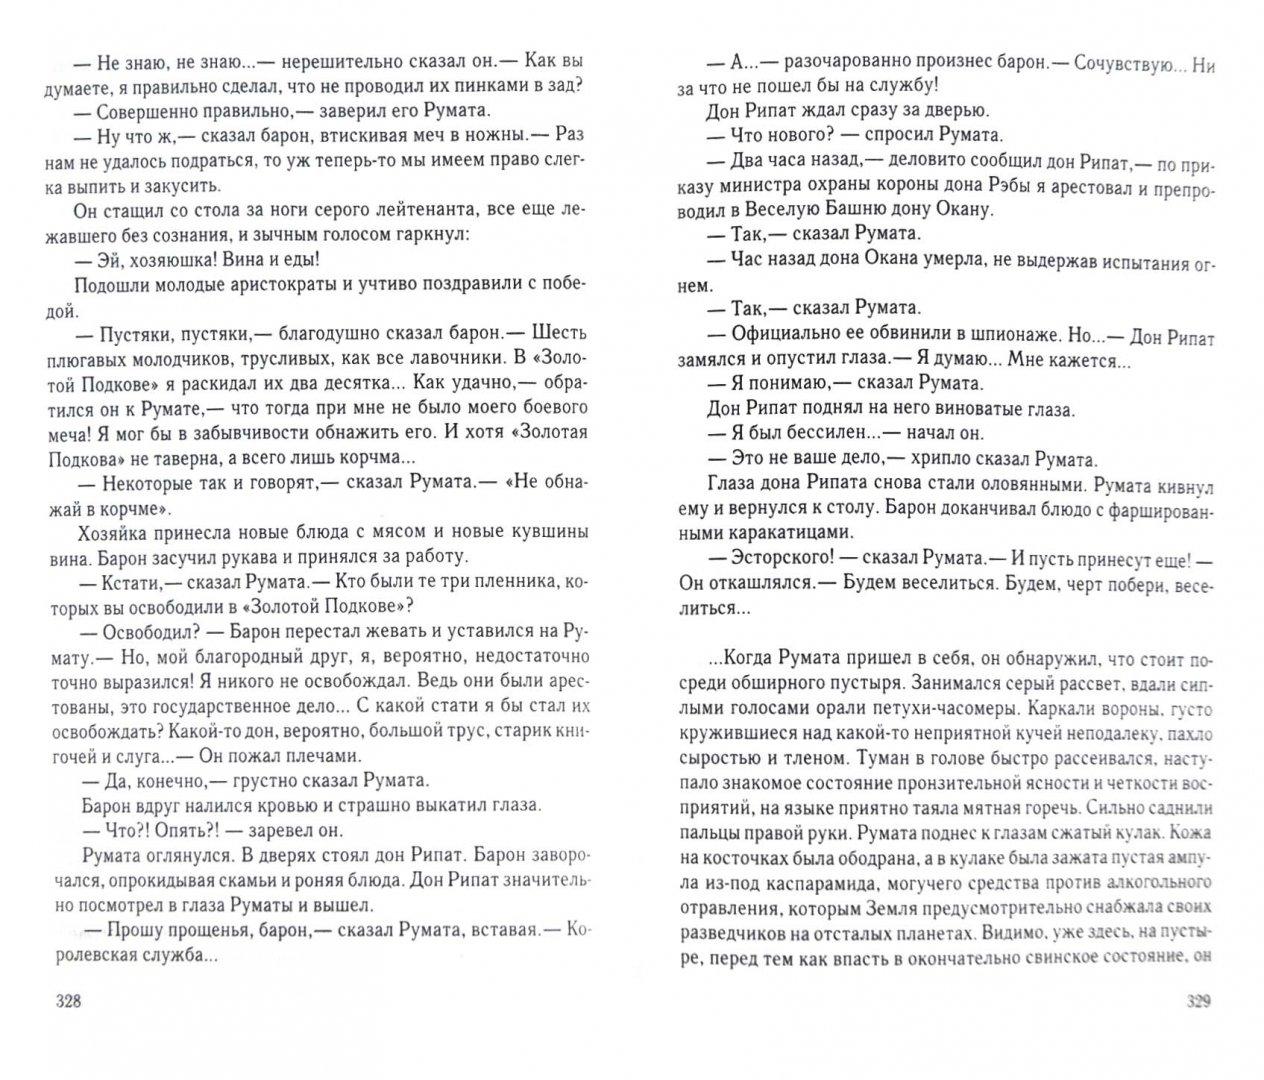 Иллюстрация 1 из 22 для Собрание сочинений. В 11 томах. Том 3. 1961-1963 гг. - Стругацкий, Стругацкий   Лабиринт - книги. Источник: Лабиринт